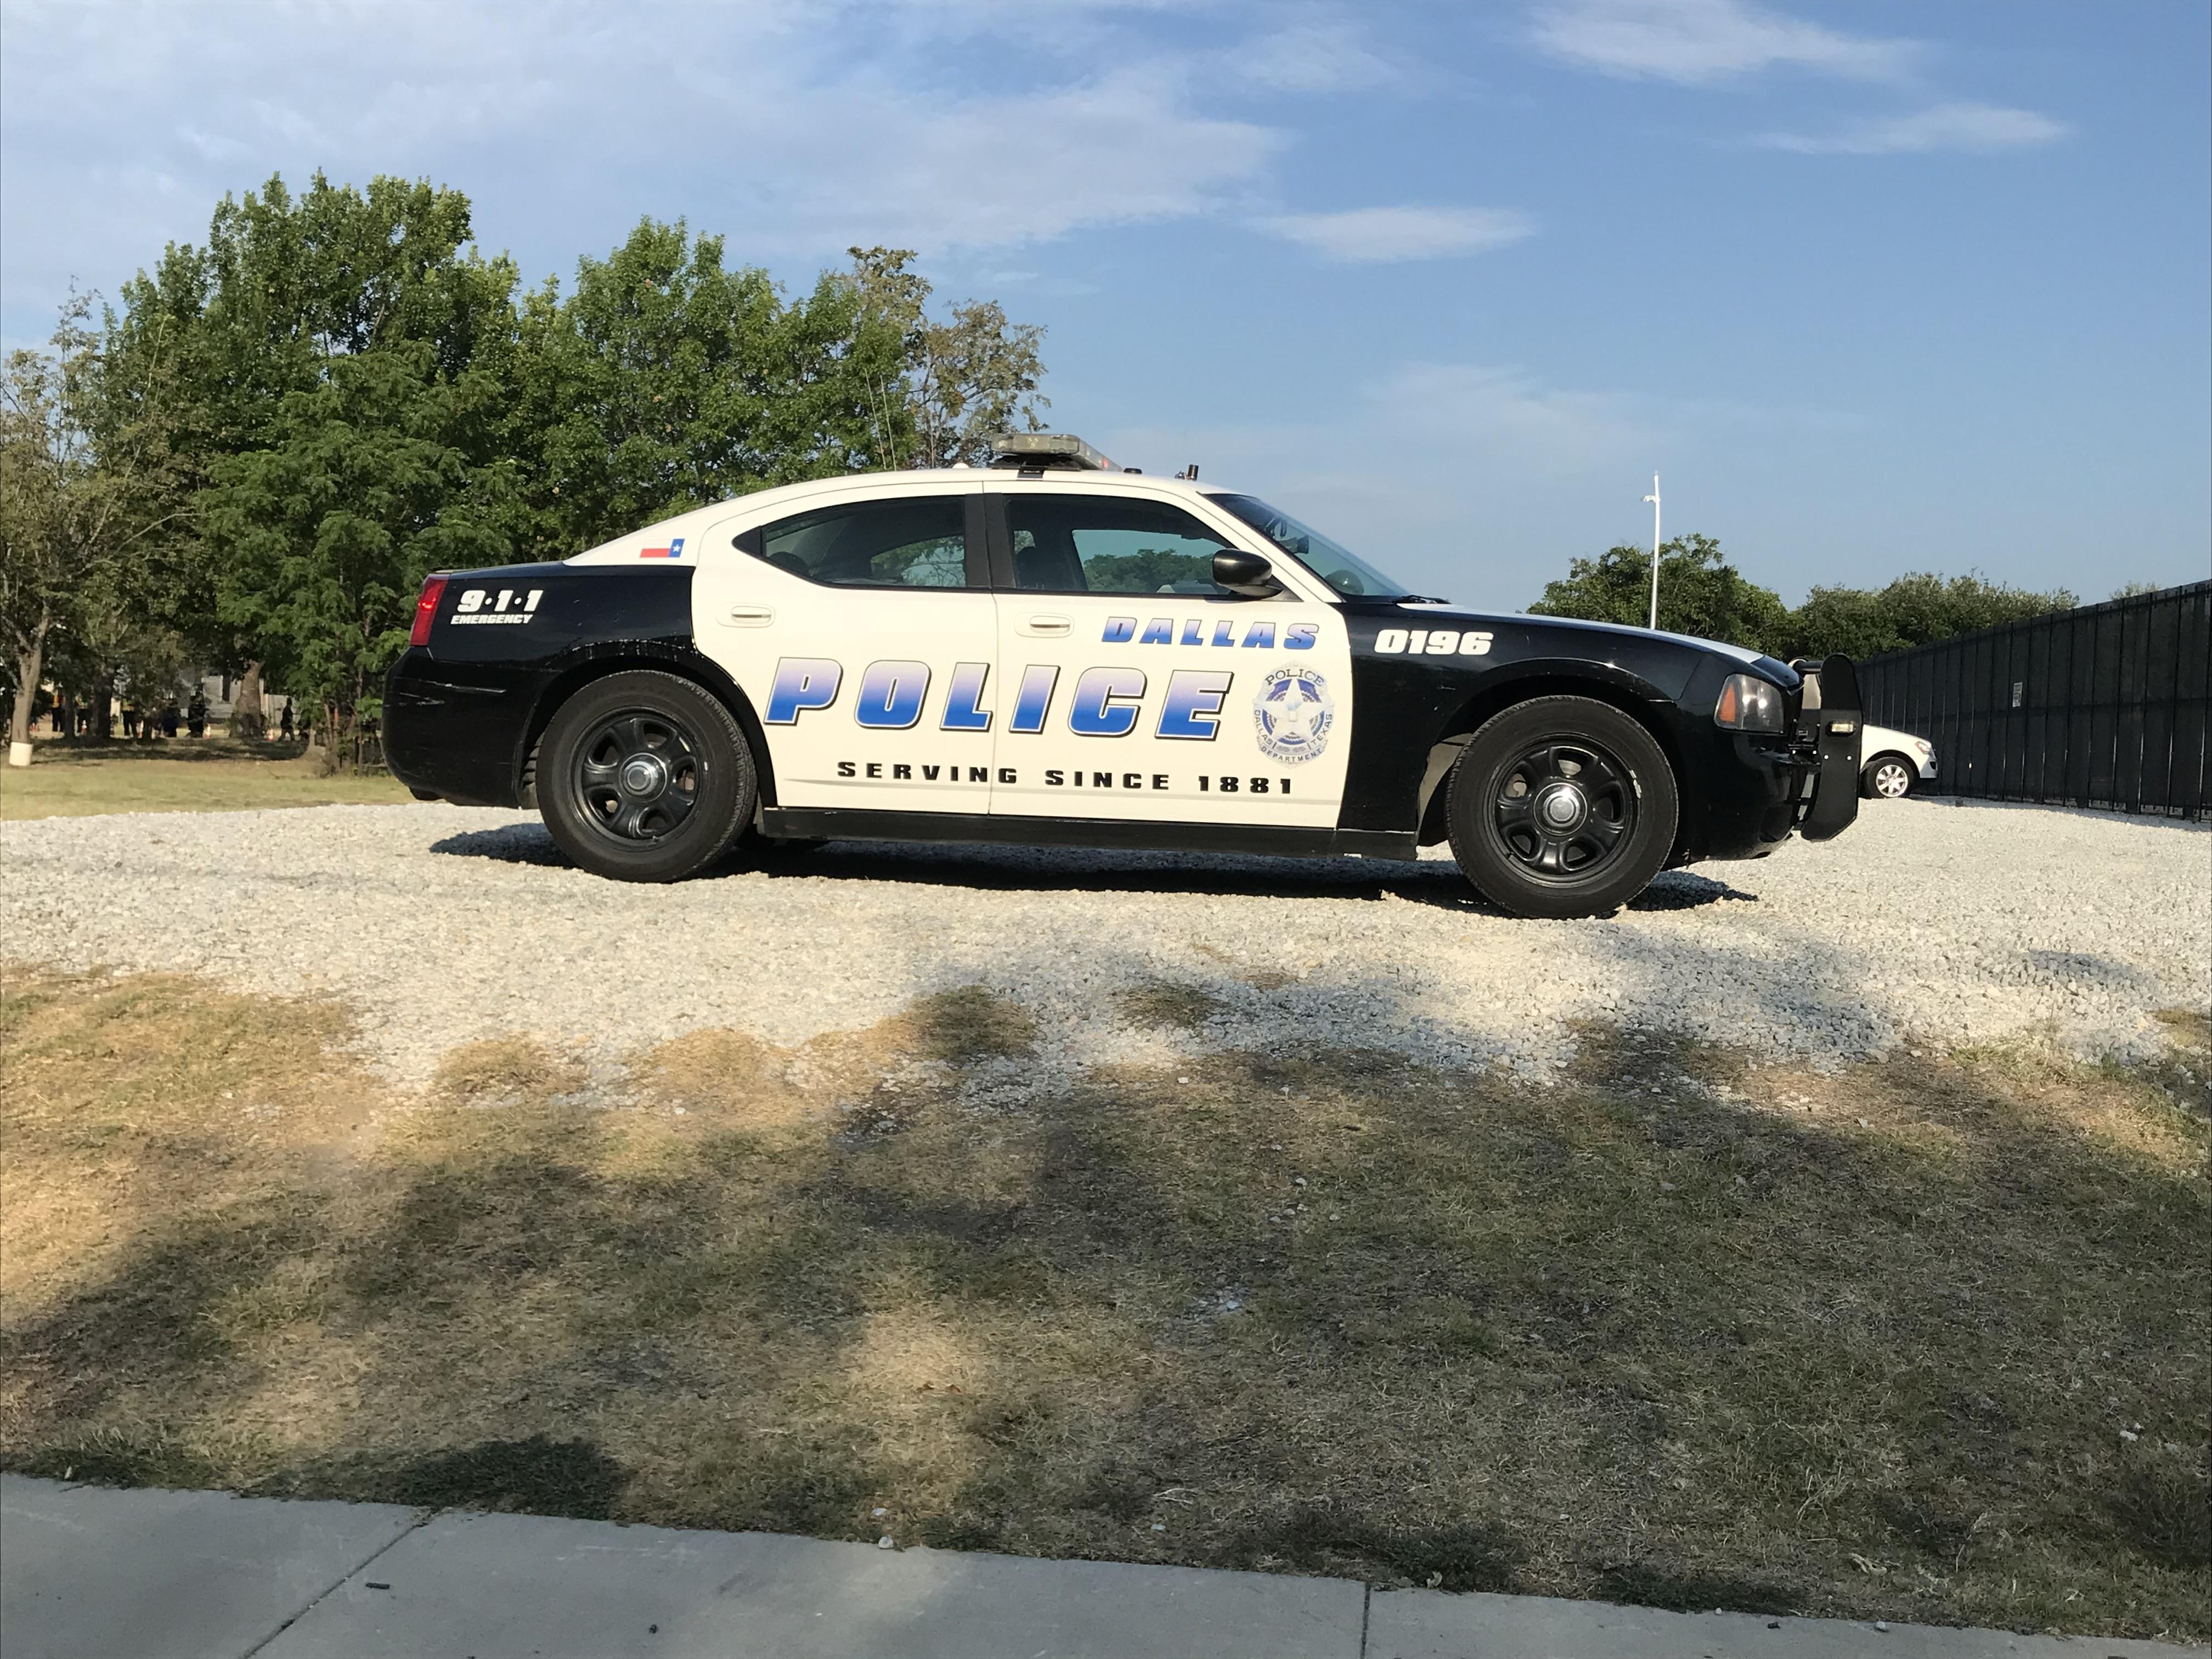 Dallas Police Service